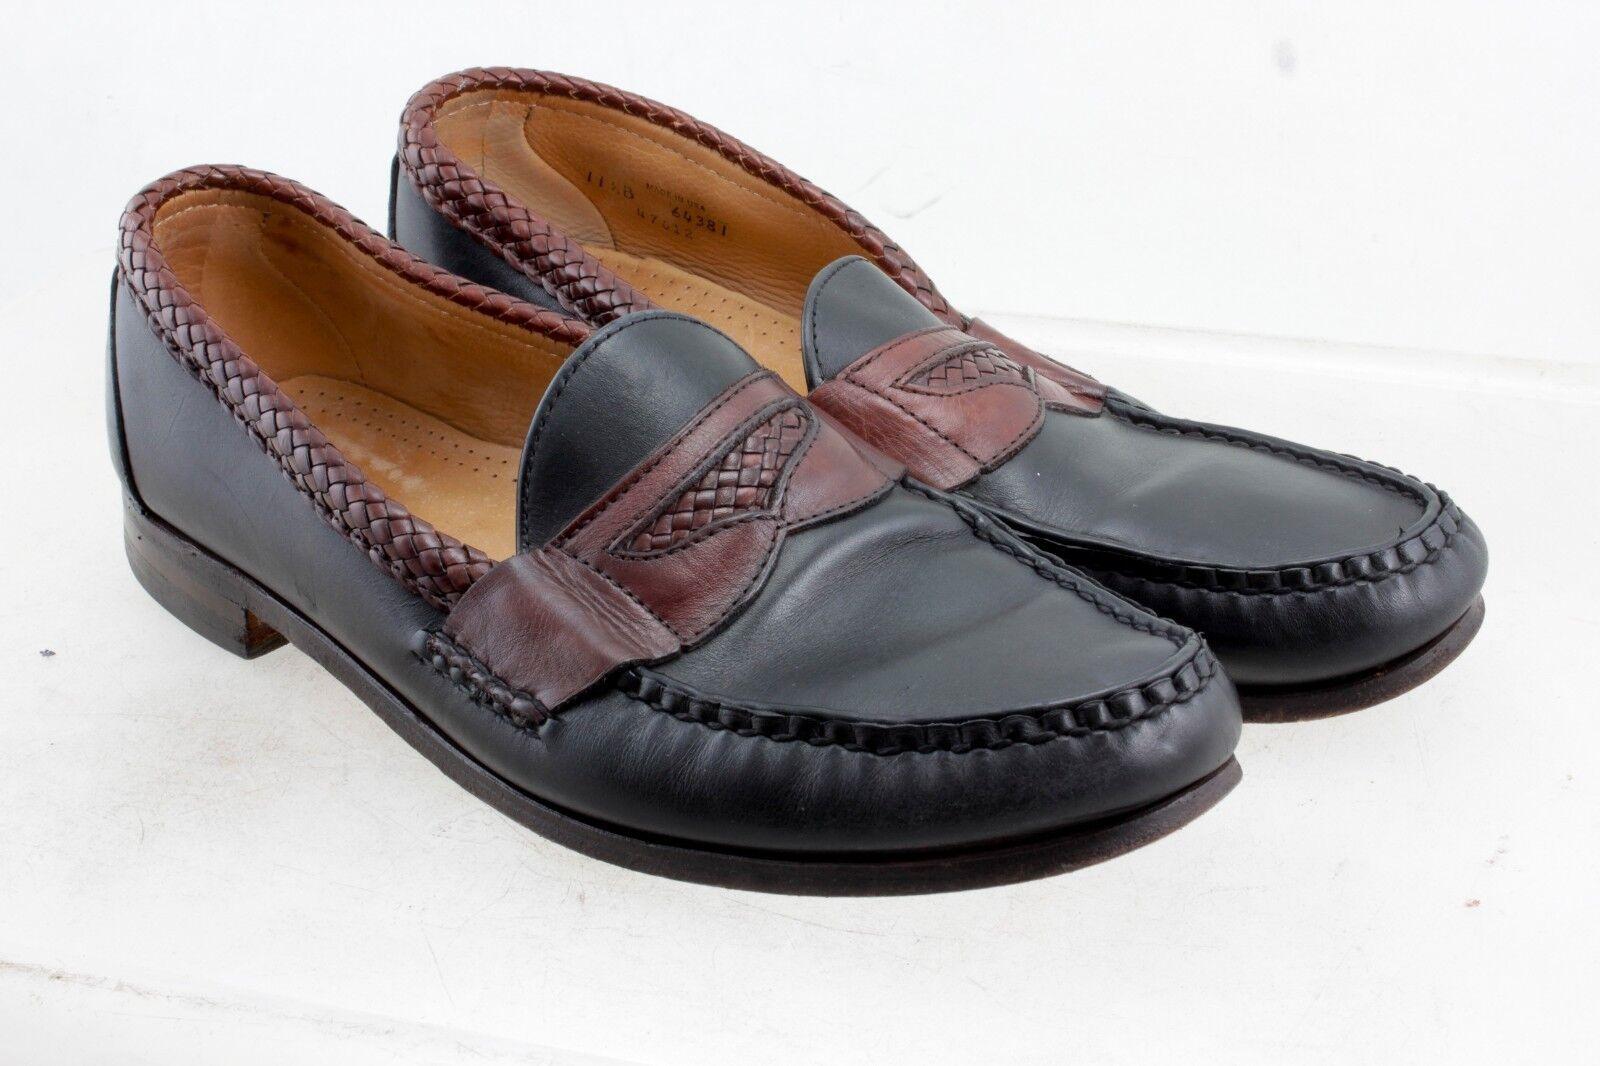 Allen Edmonds Newcastle Men's Black W Brown Leather Slip On Loafers Size 11.5 B